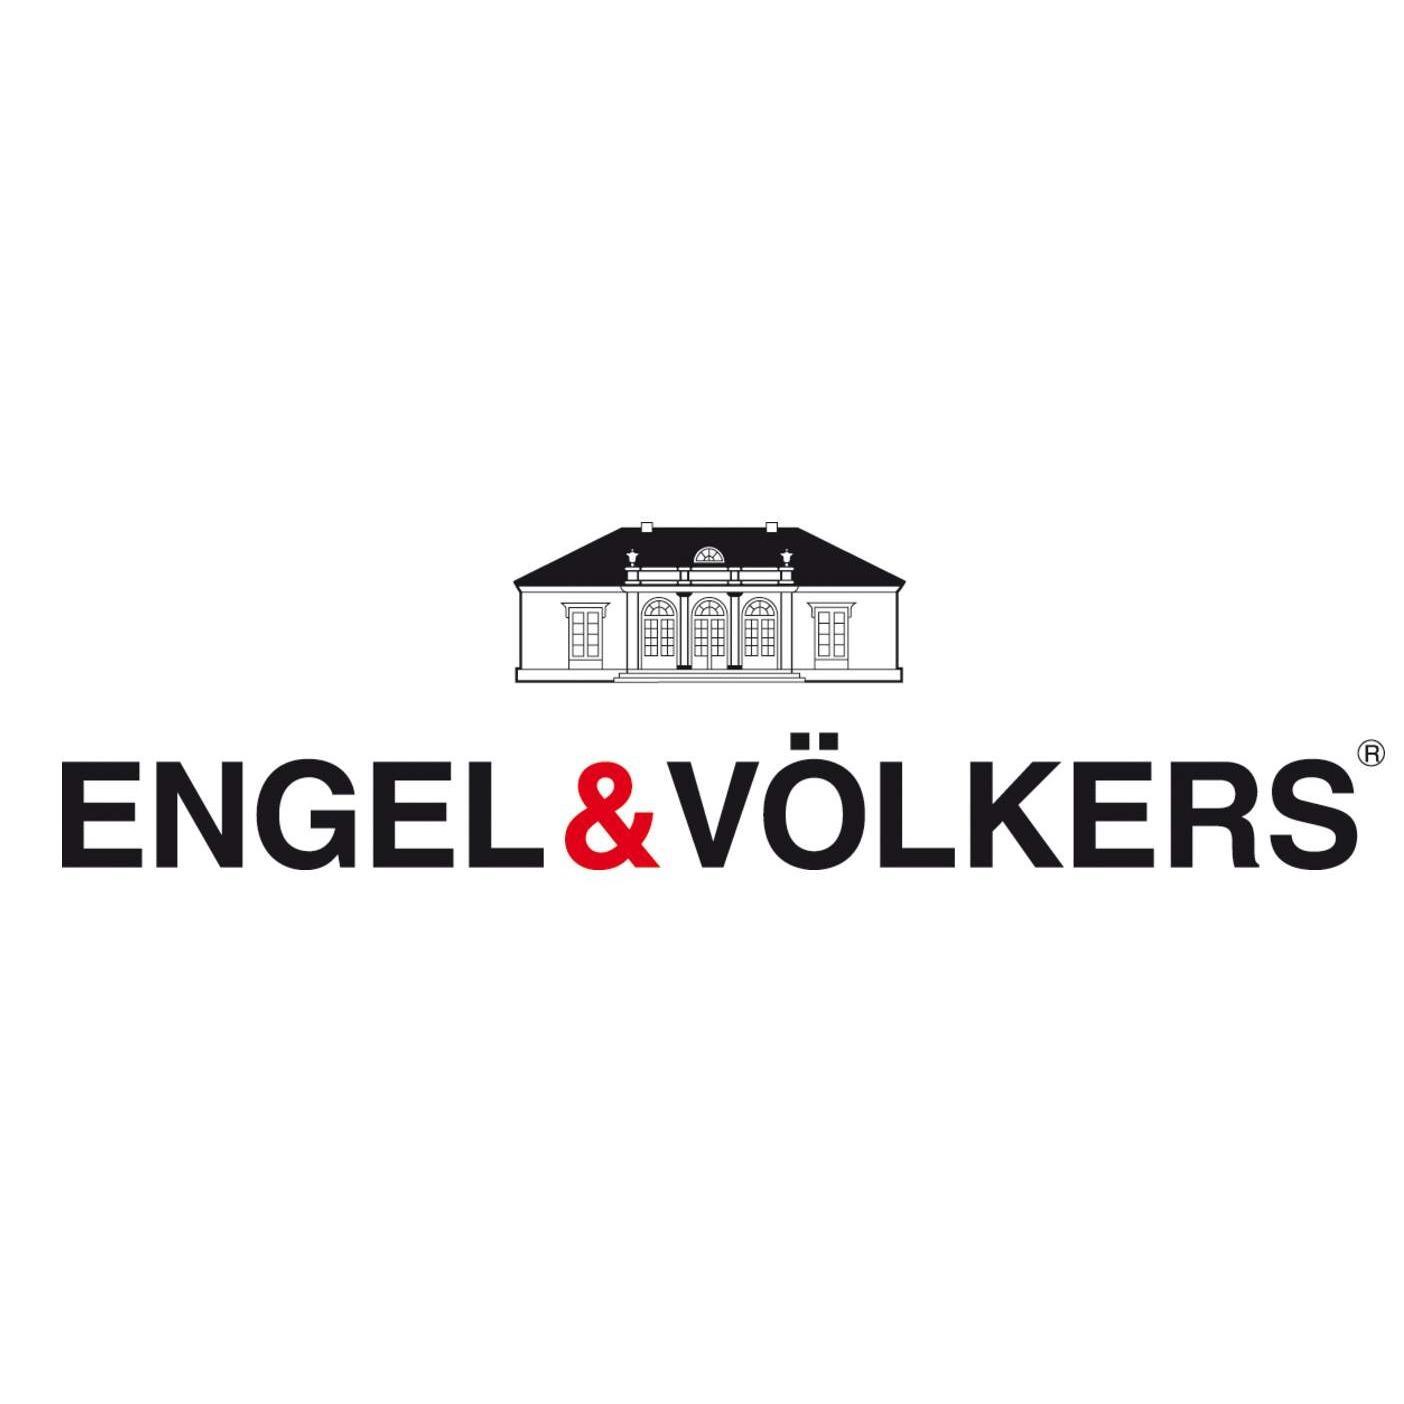 Chris Cataldo, Licensed Real Estate Broker - Engel & Völkers, West Portland